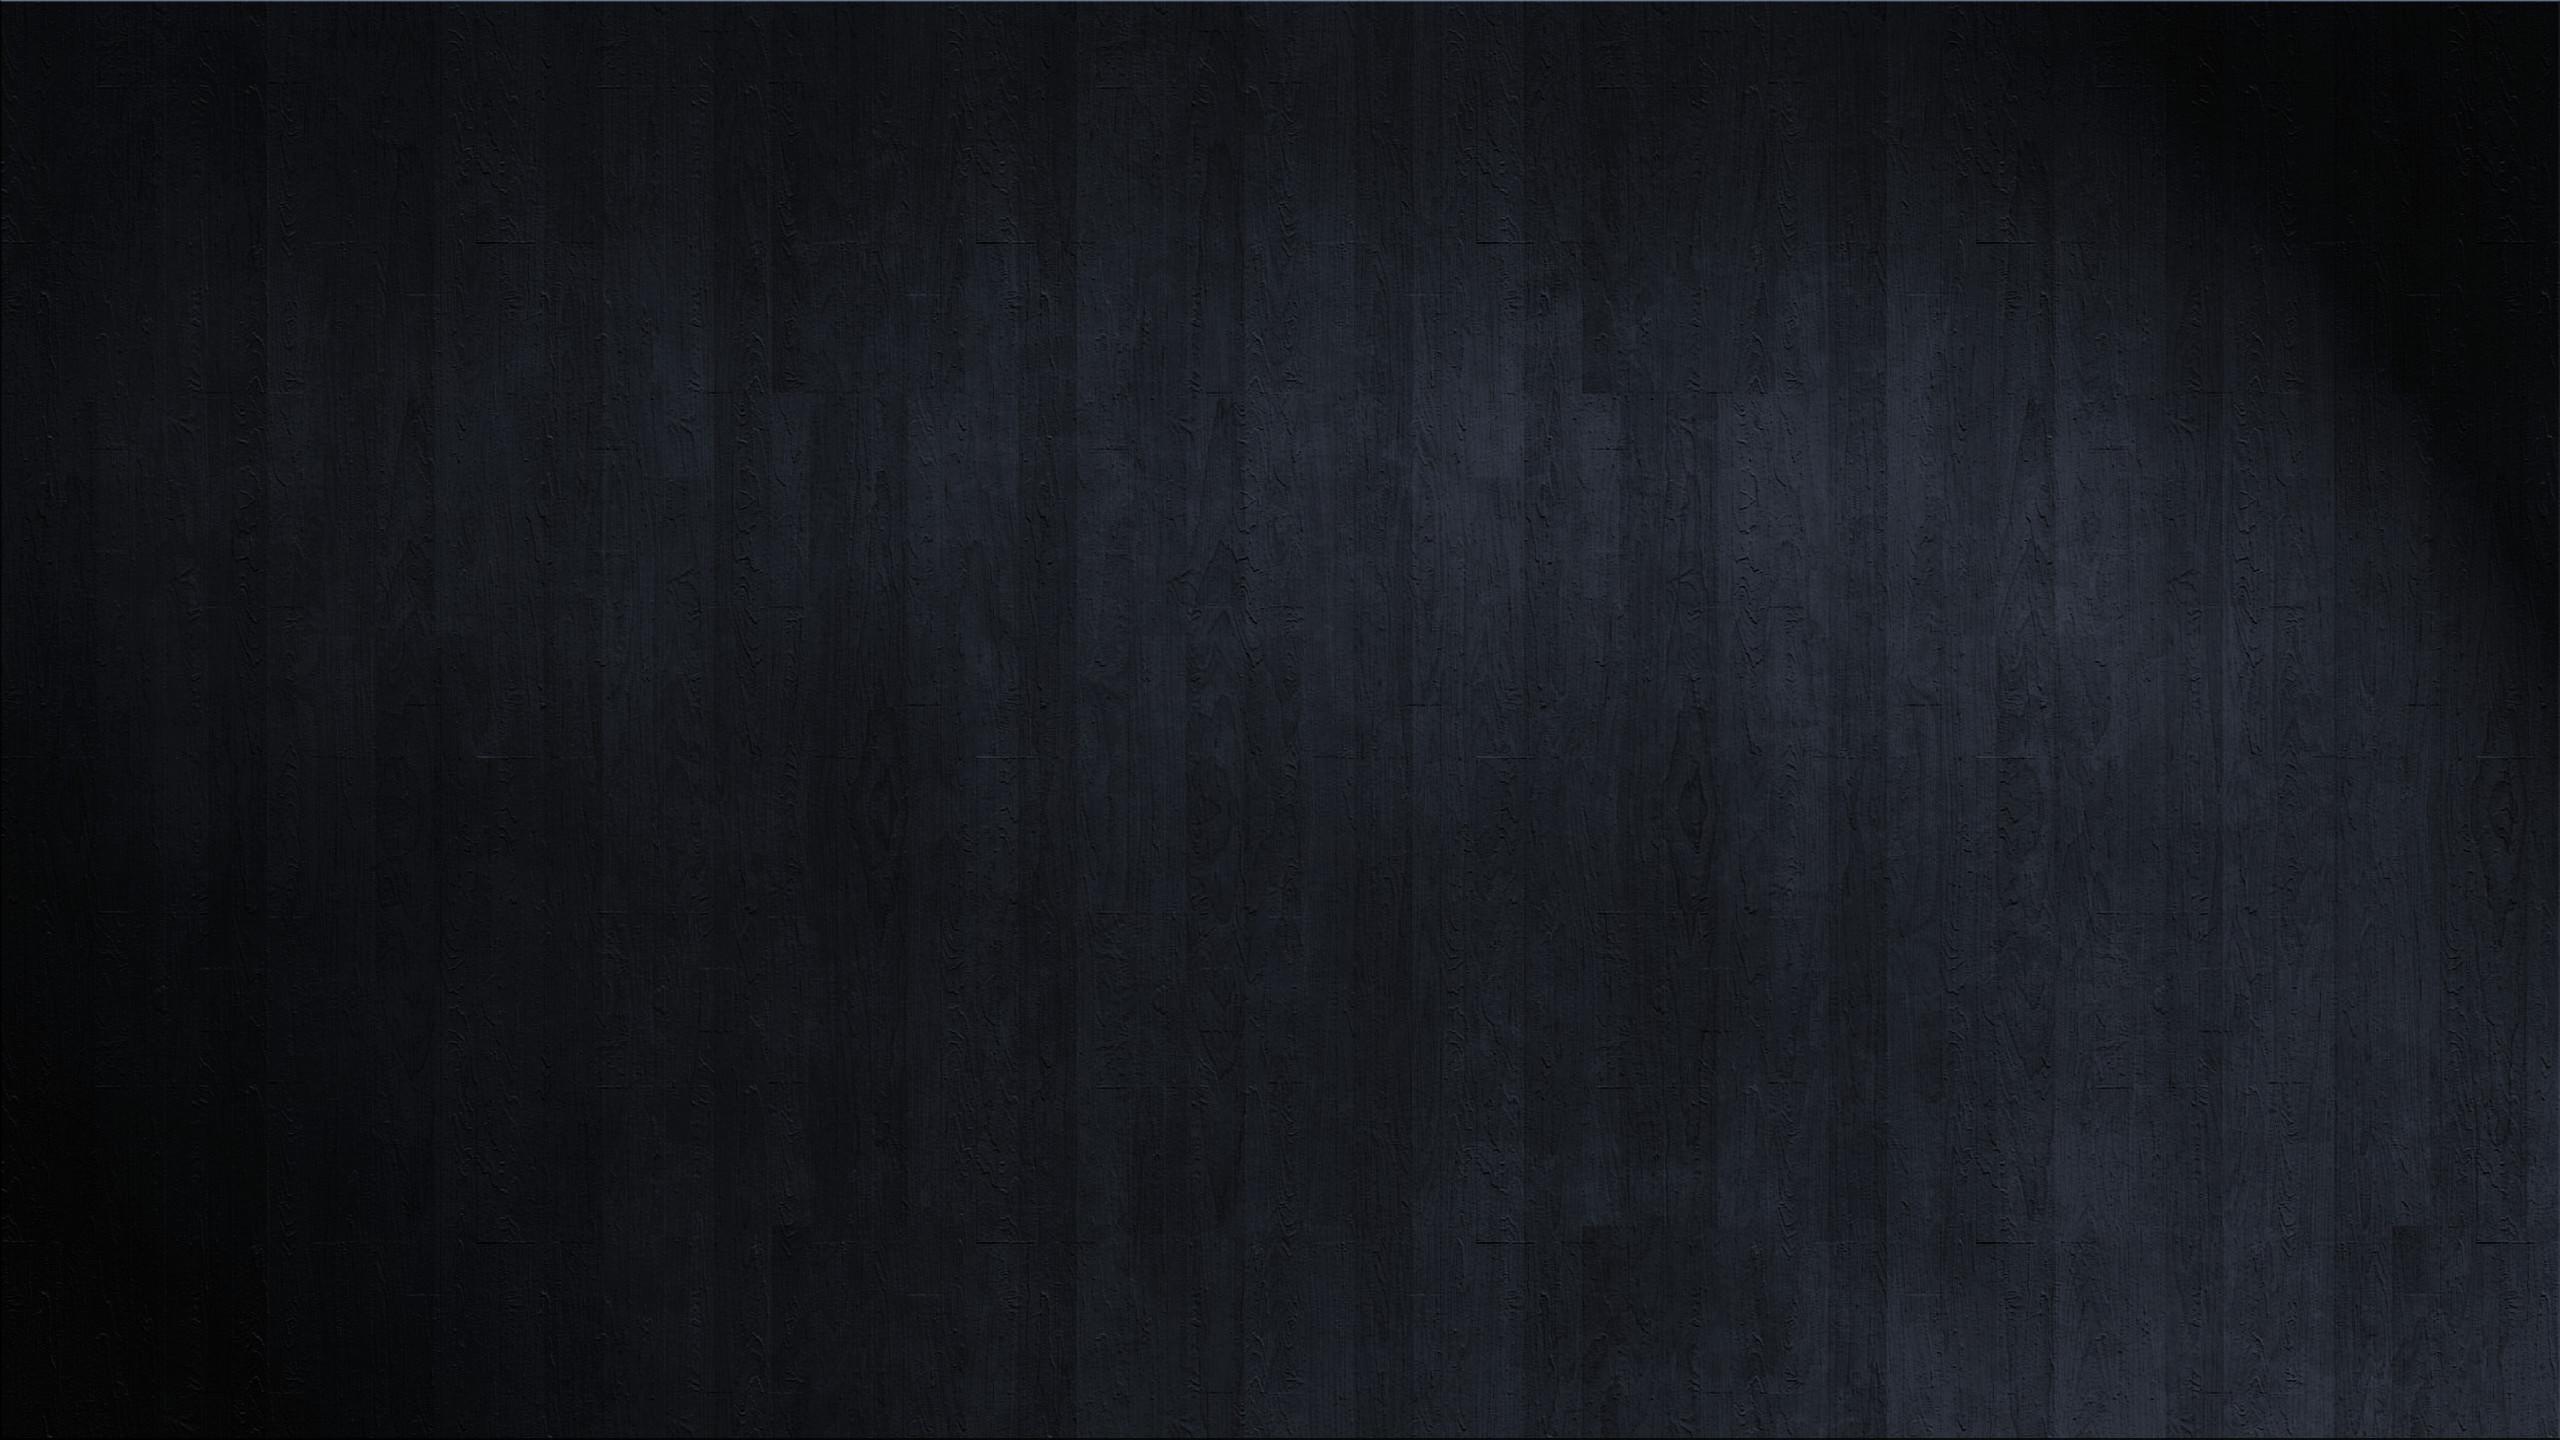 Black Texture HD desktop wallpaper : High Definition : Fullscreen .